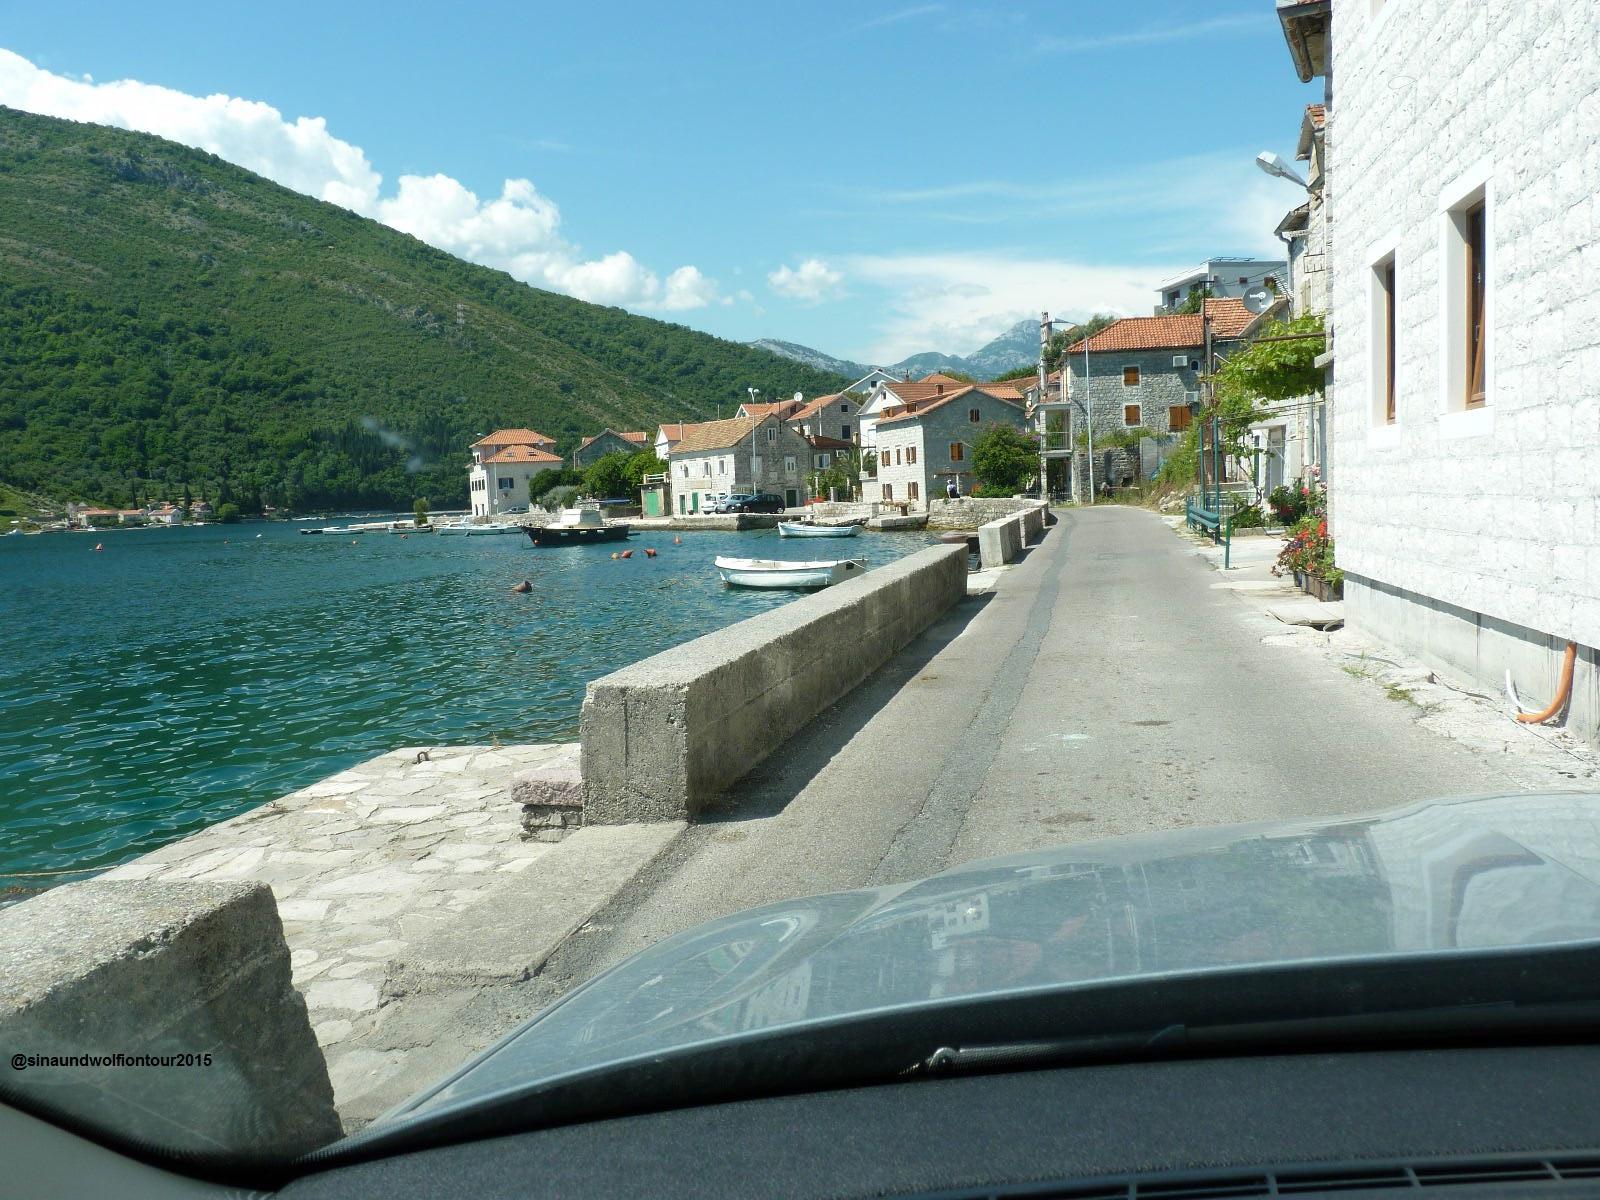 Bucht von Kotor (2)